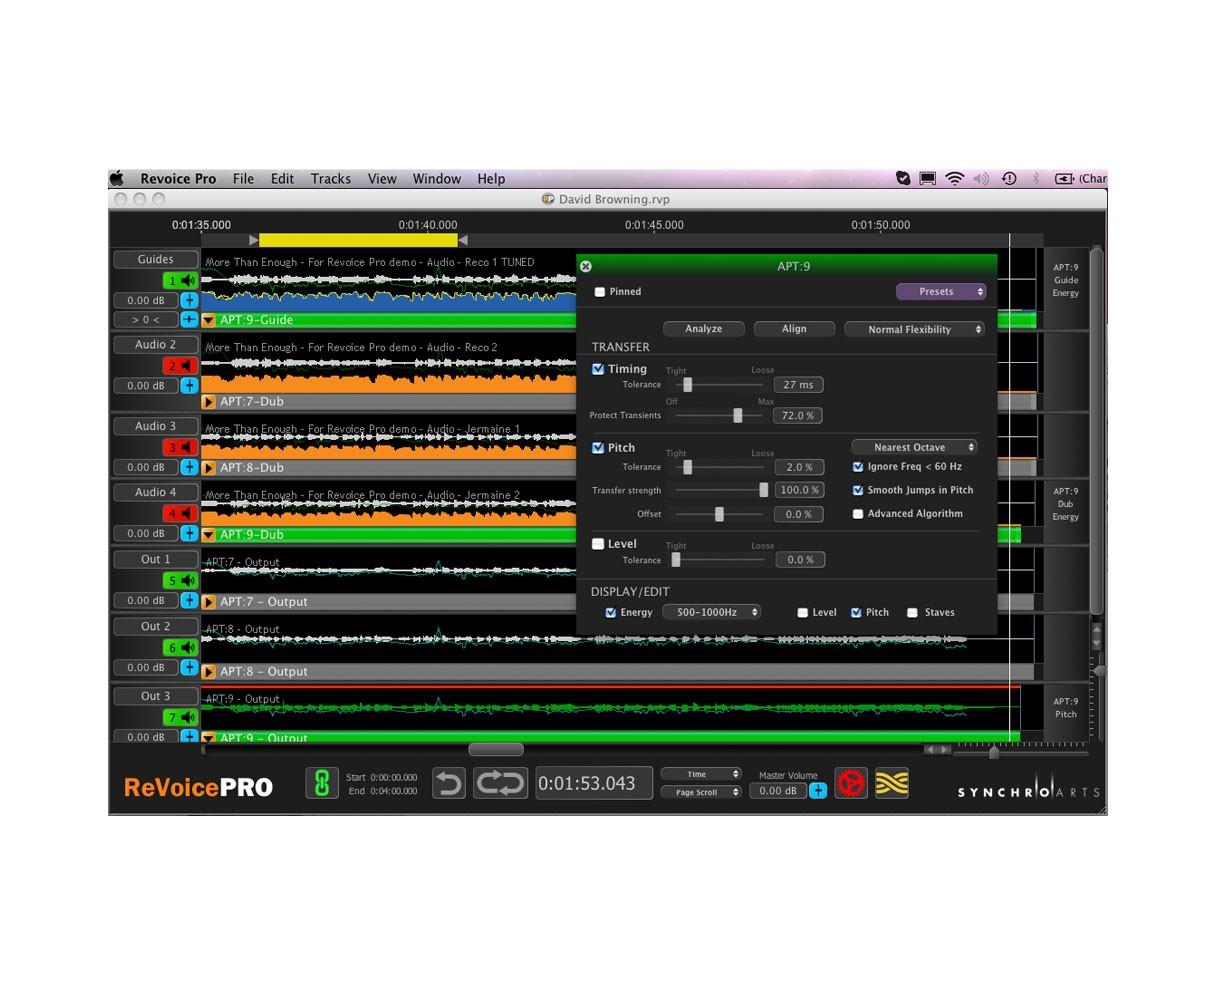 Synchro Arts Revoice Pro V1